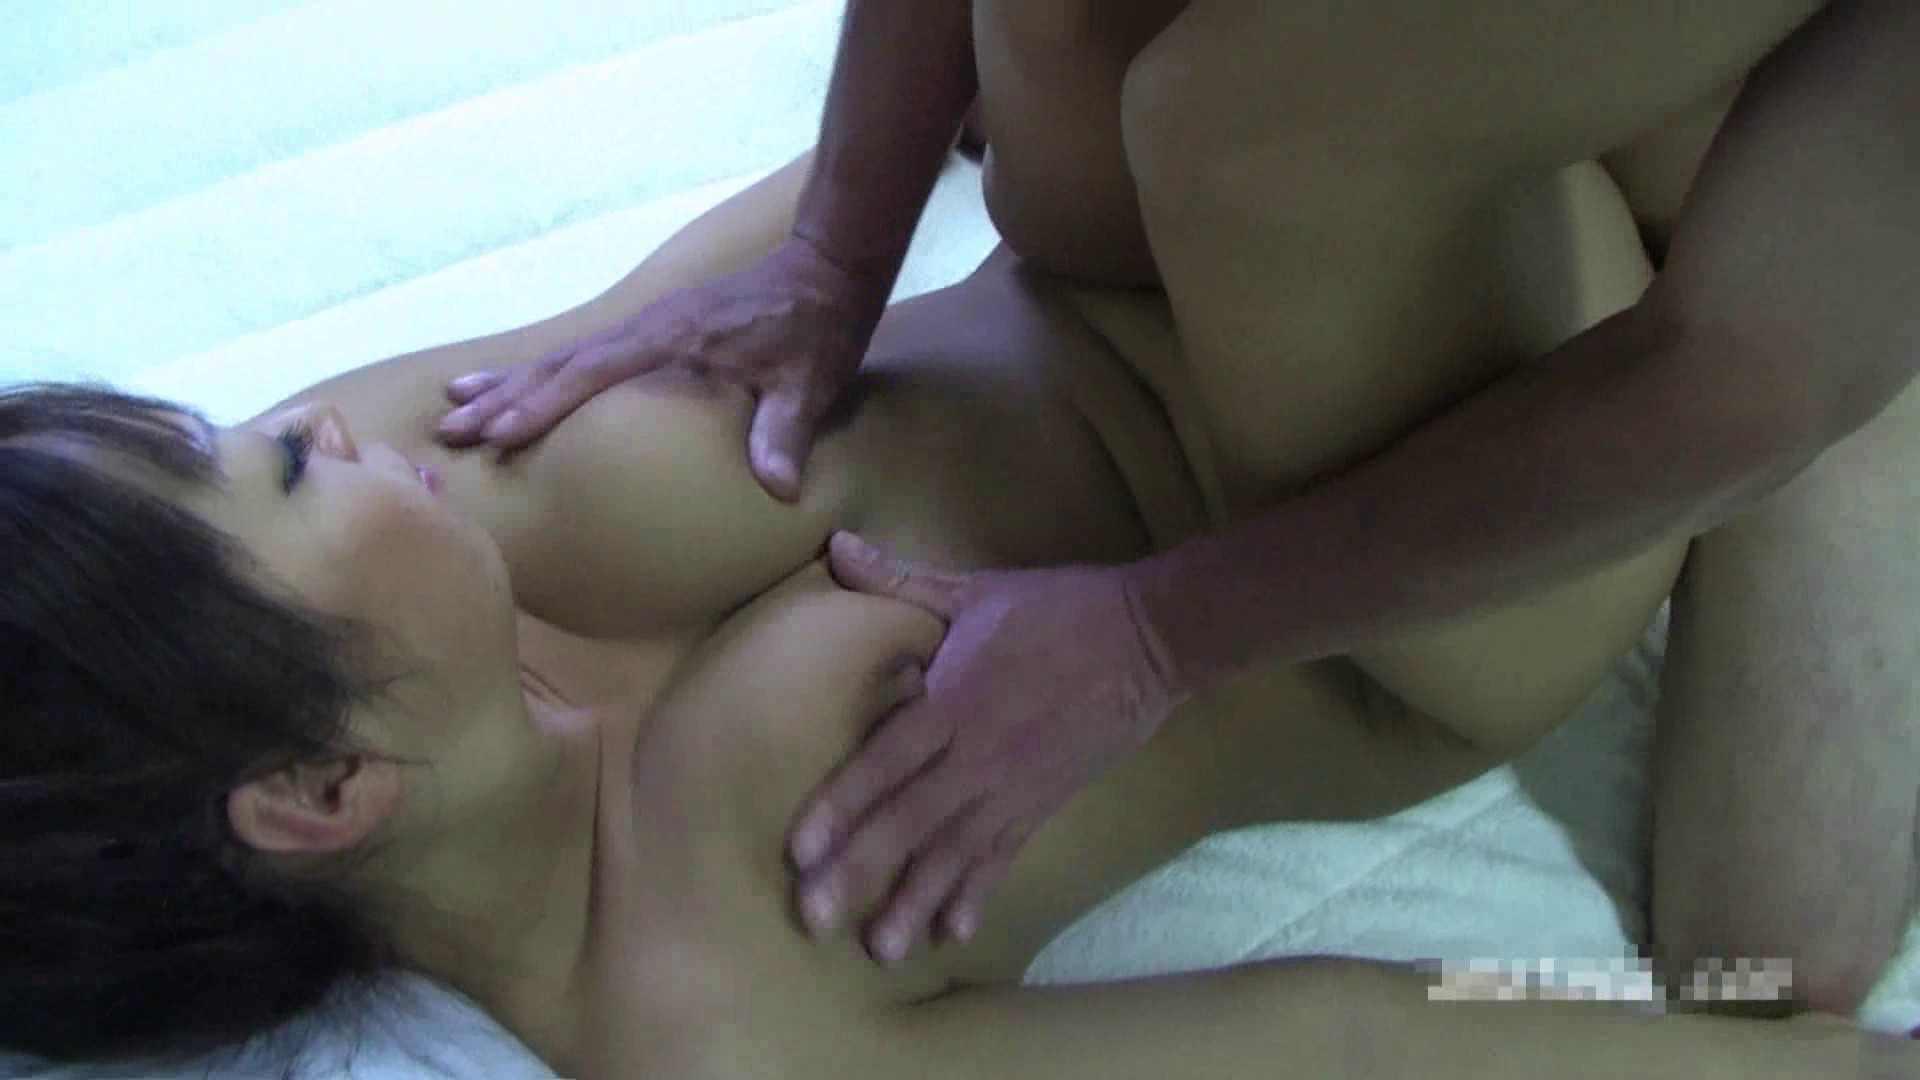 デリへル嬢のみかちゃん23歳vol.4 OL裸体   ギャルの乳首  110画像 59